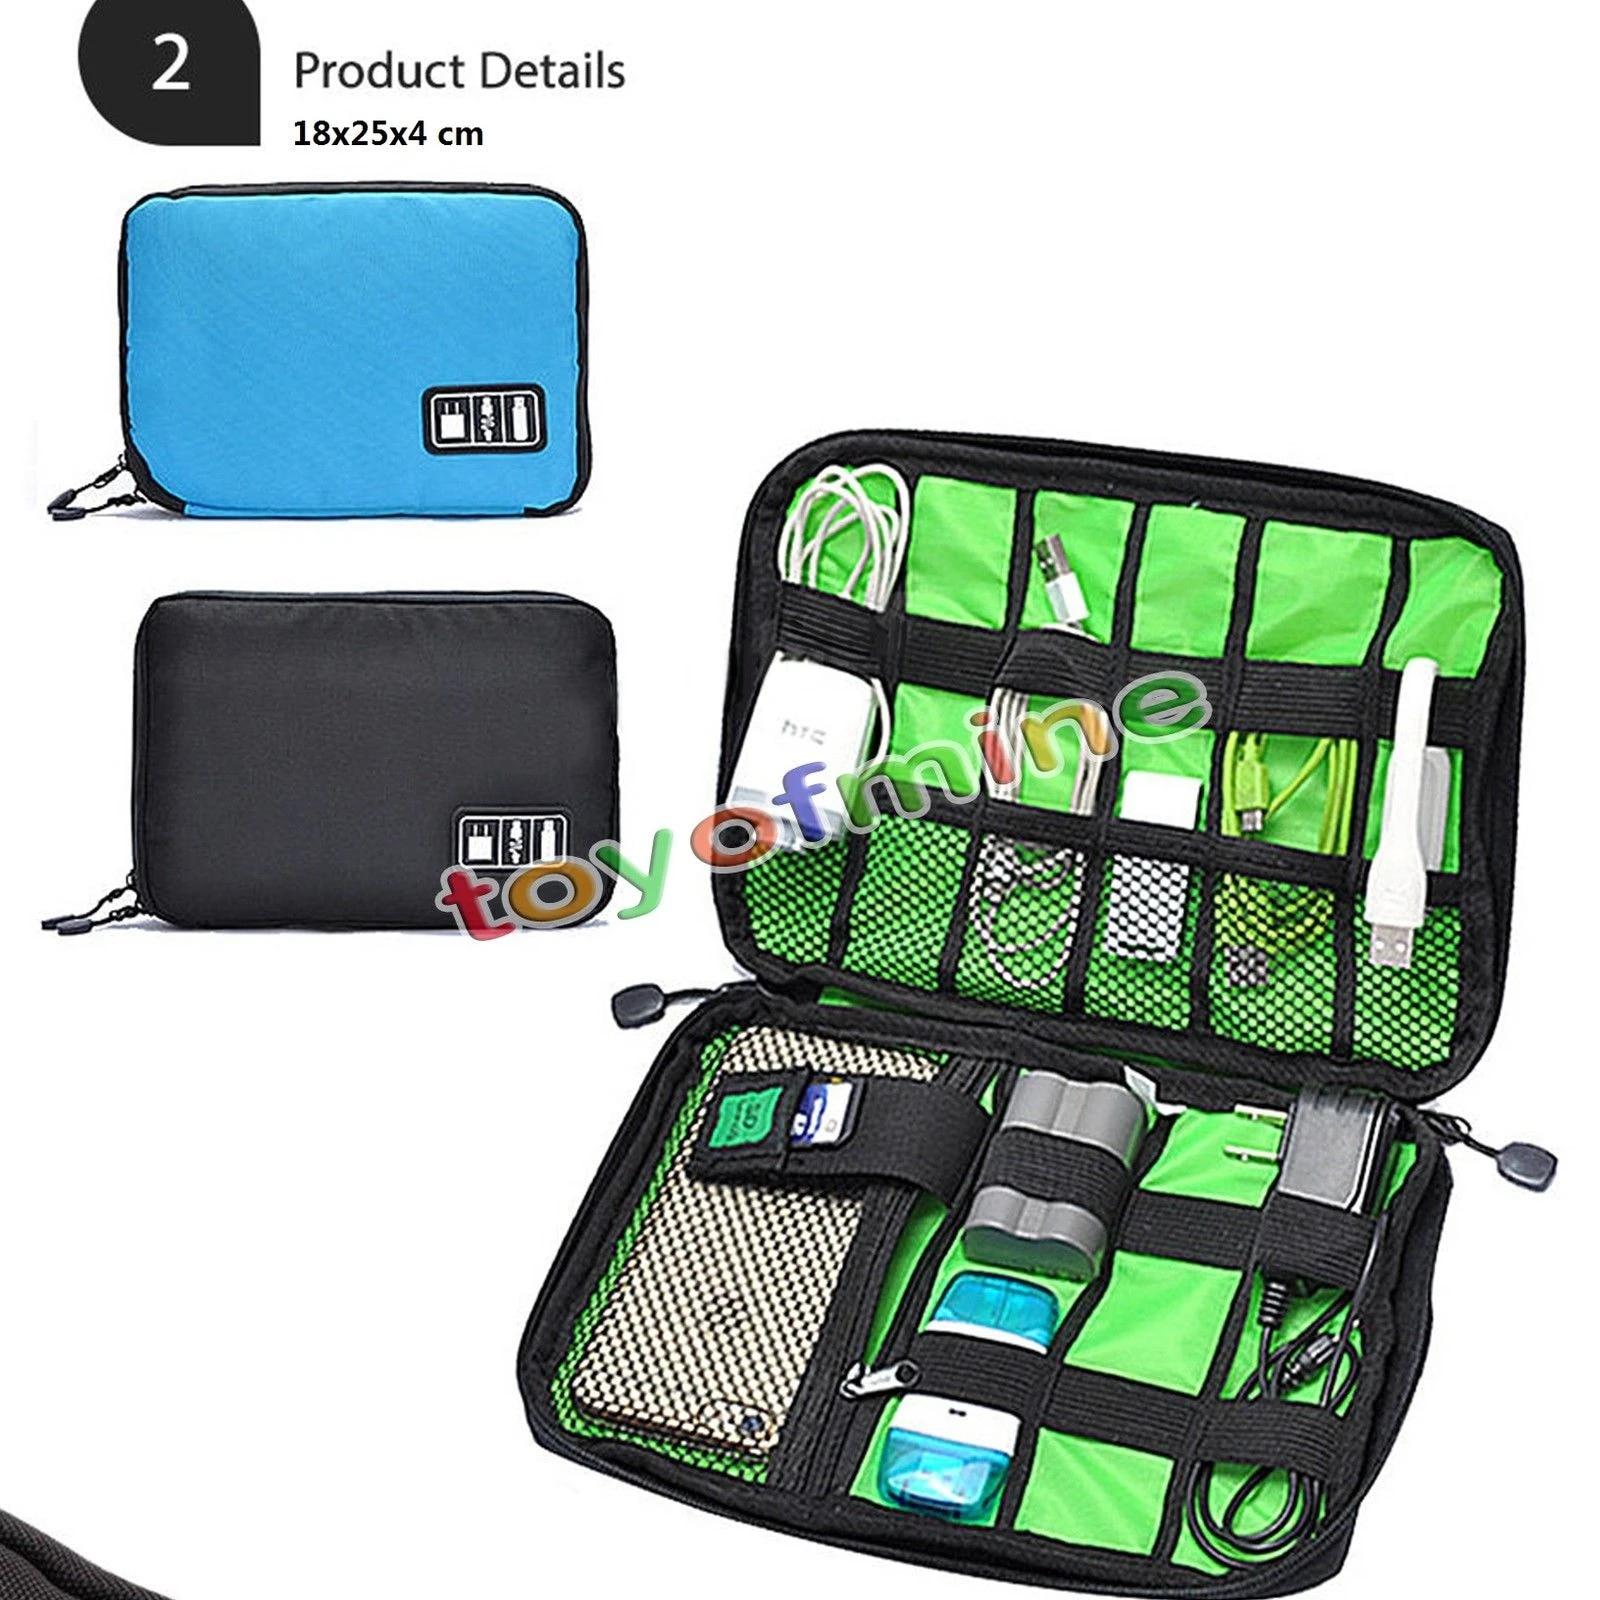 Wasserdichte Reisedaten Kabel Aufbewahrungstaschen Daily Gadget Charger Packs